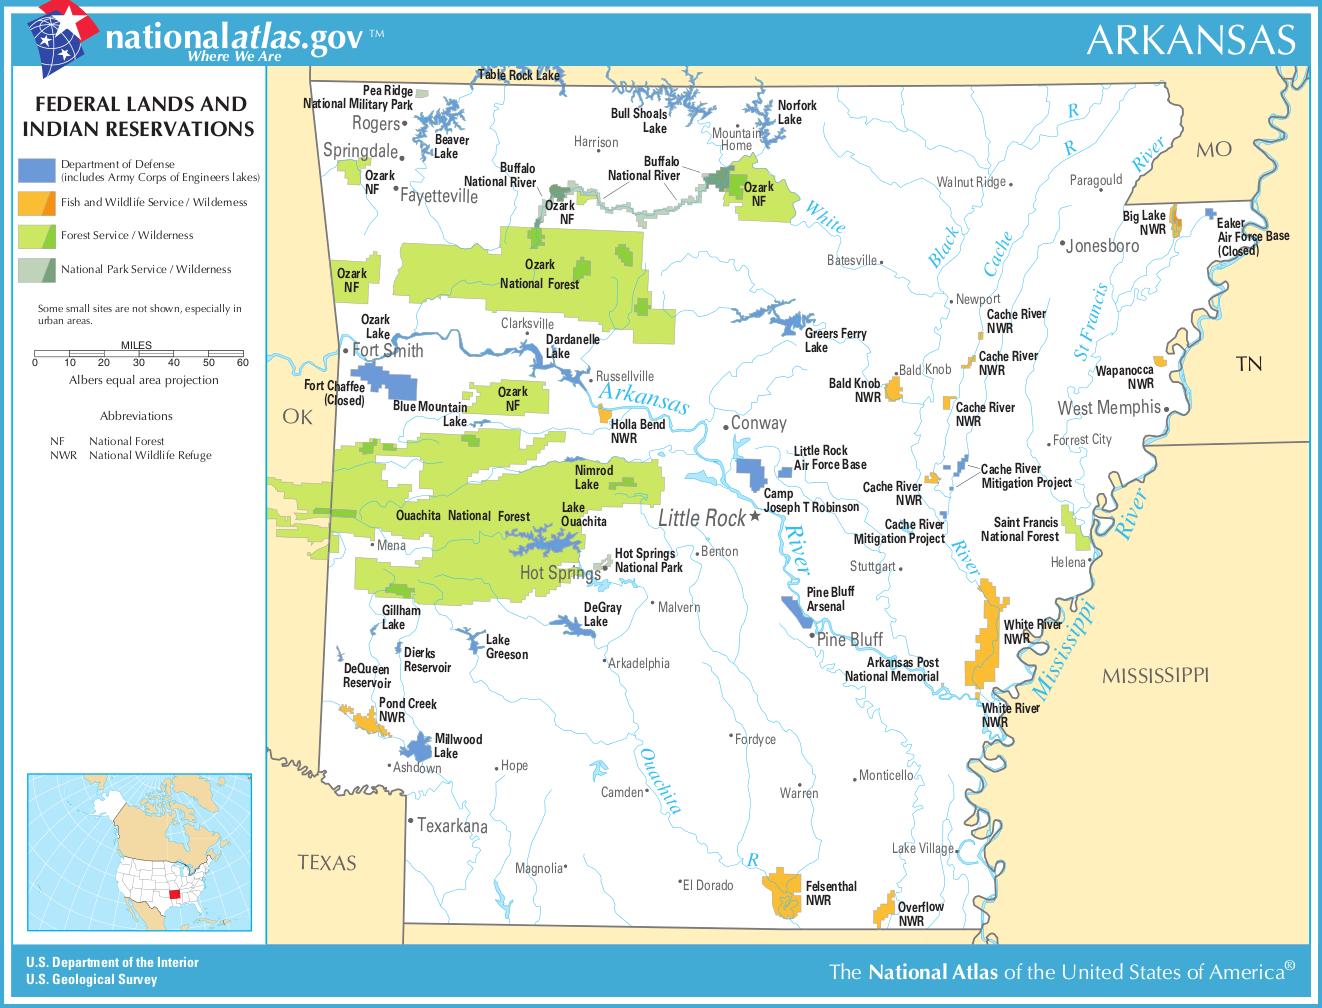 Arkansas-federal-lands-indian-reservations-map | Weltatlas